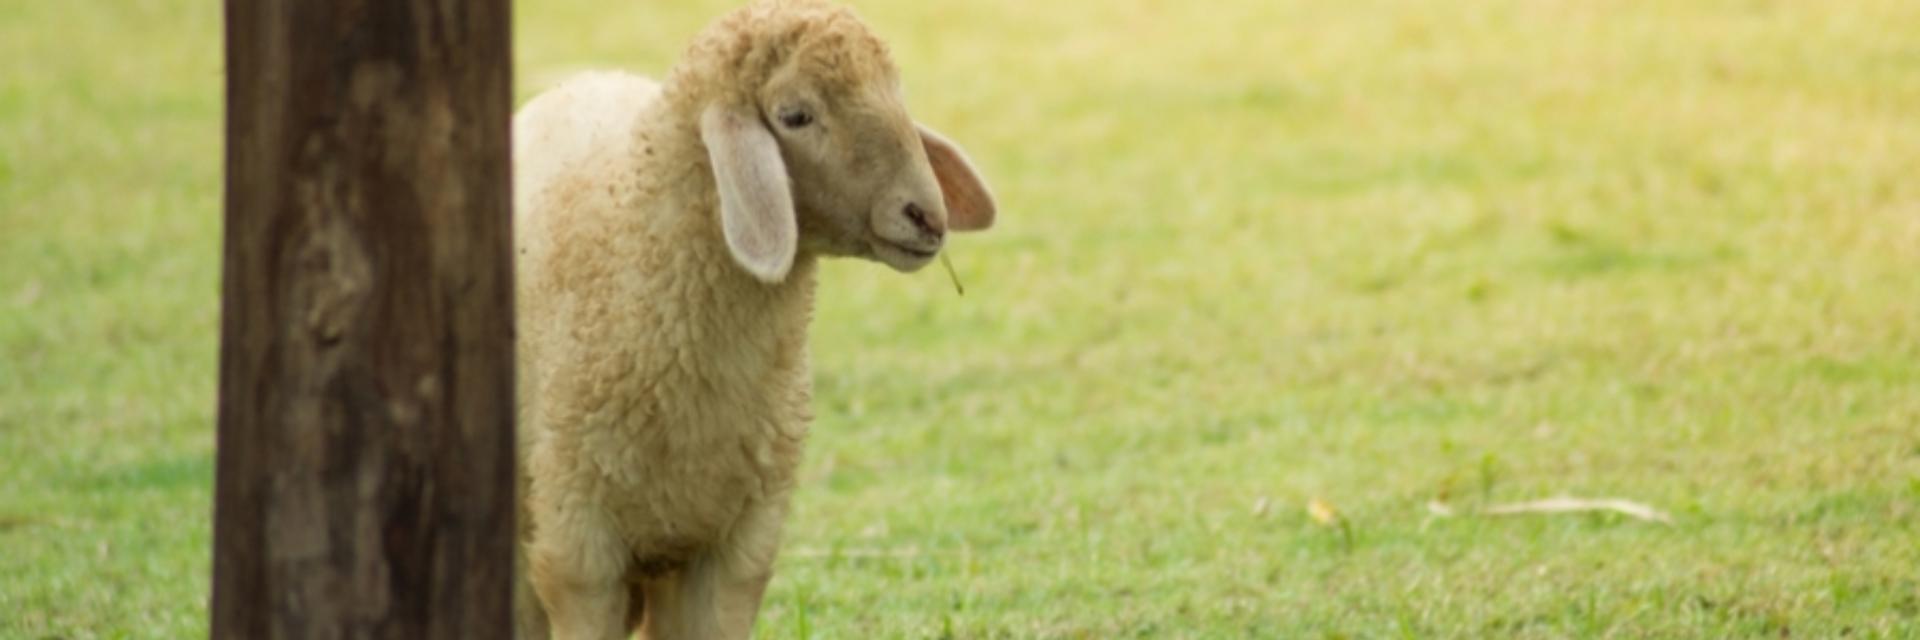 เดินชมฟาร์มแกะ สัตว์น้อยใหญ่แสนน่ารัก สัตว์หาดูยากที่ วีว่า ฟอเรสต้า ฟาร์มจังหวัดจันทบุรี